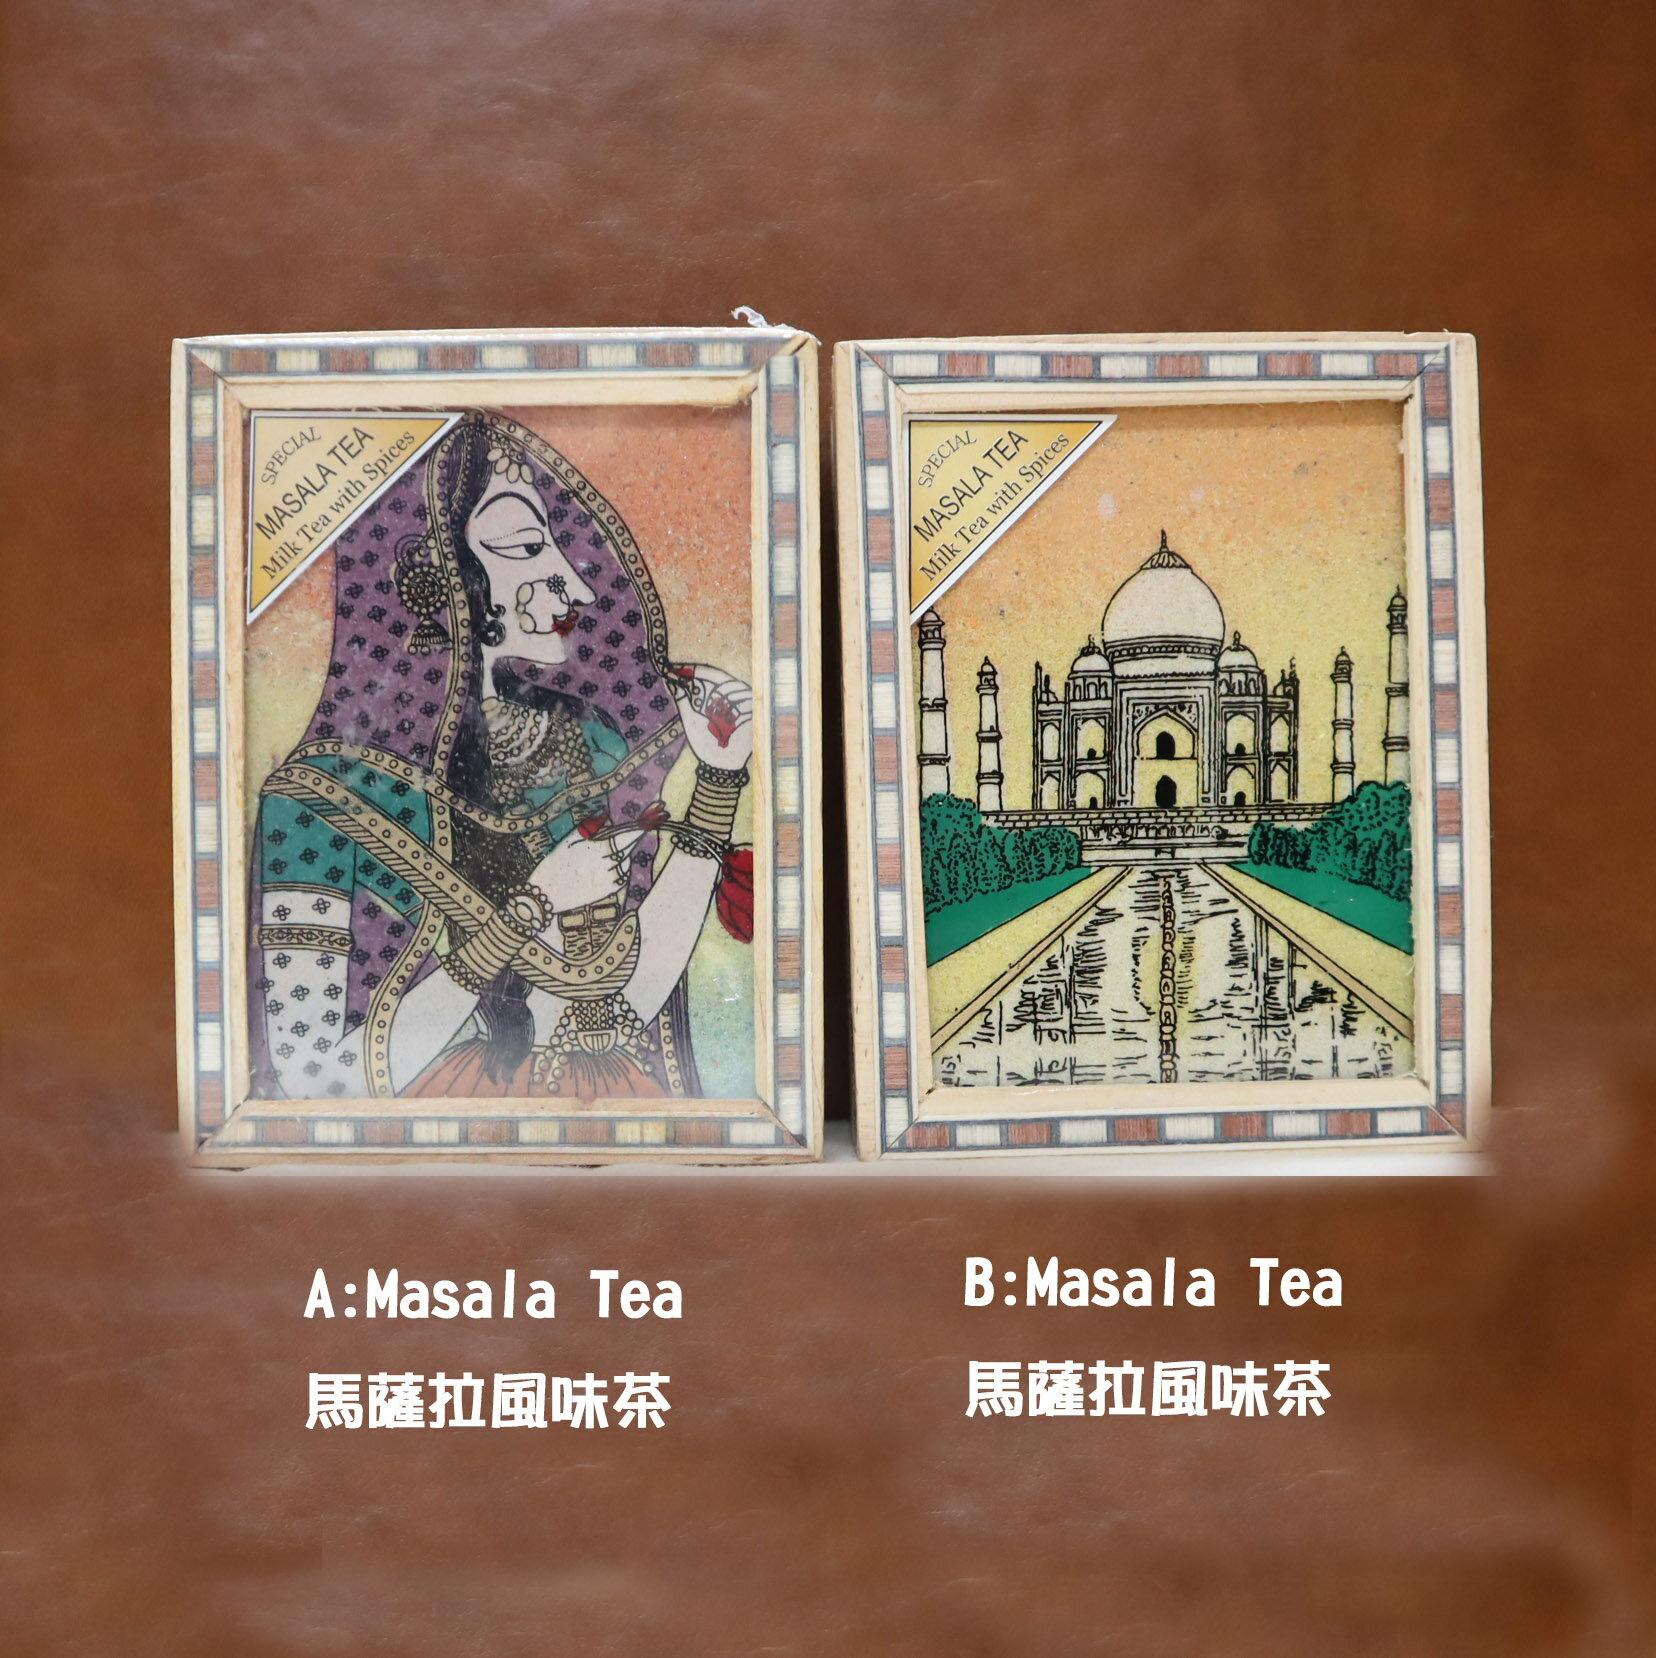 獨特☀尼泊爾沙畫木盒☀檸檬茶 高山茶 有機紅茶 Tulsi Tea 薑茶 馬薩拉奶茶 伊姆拉紅茶 瑜珈茶 3